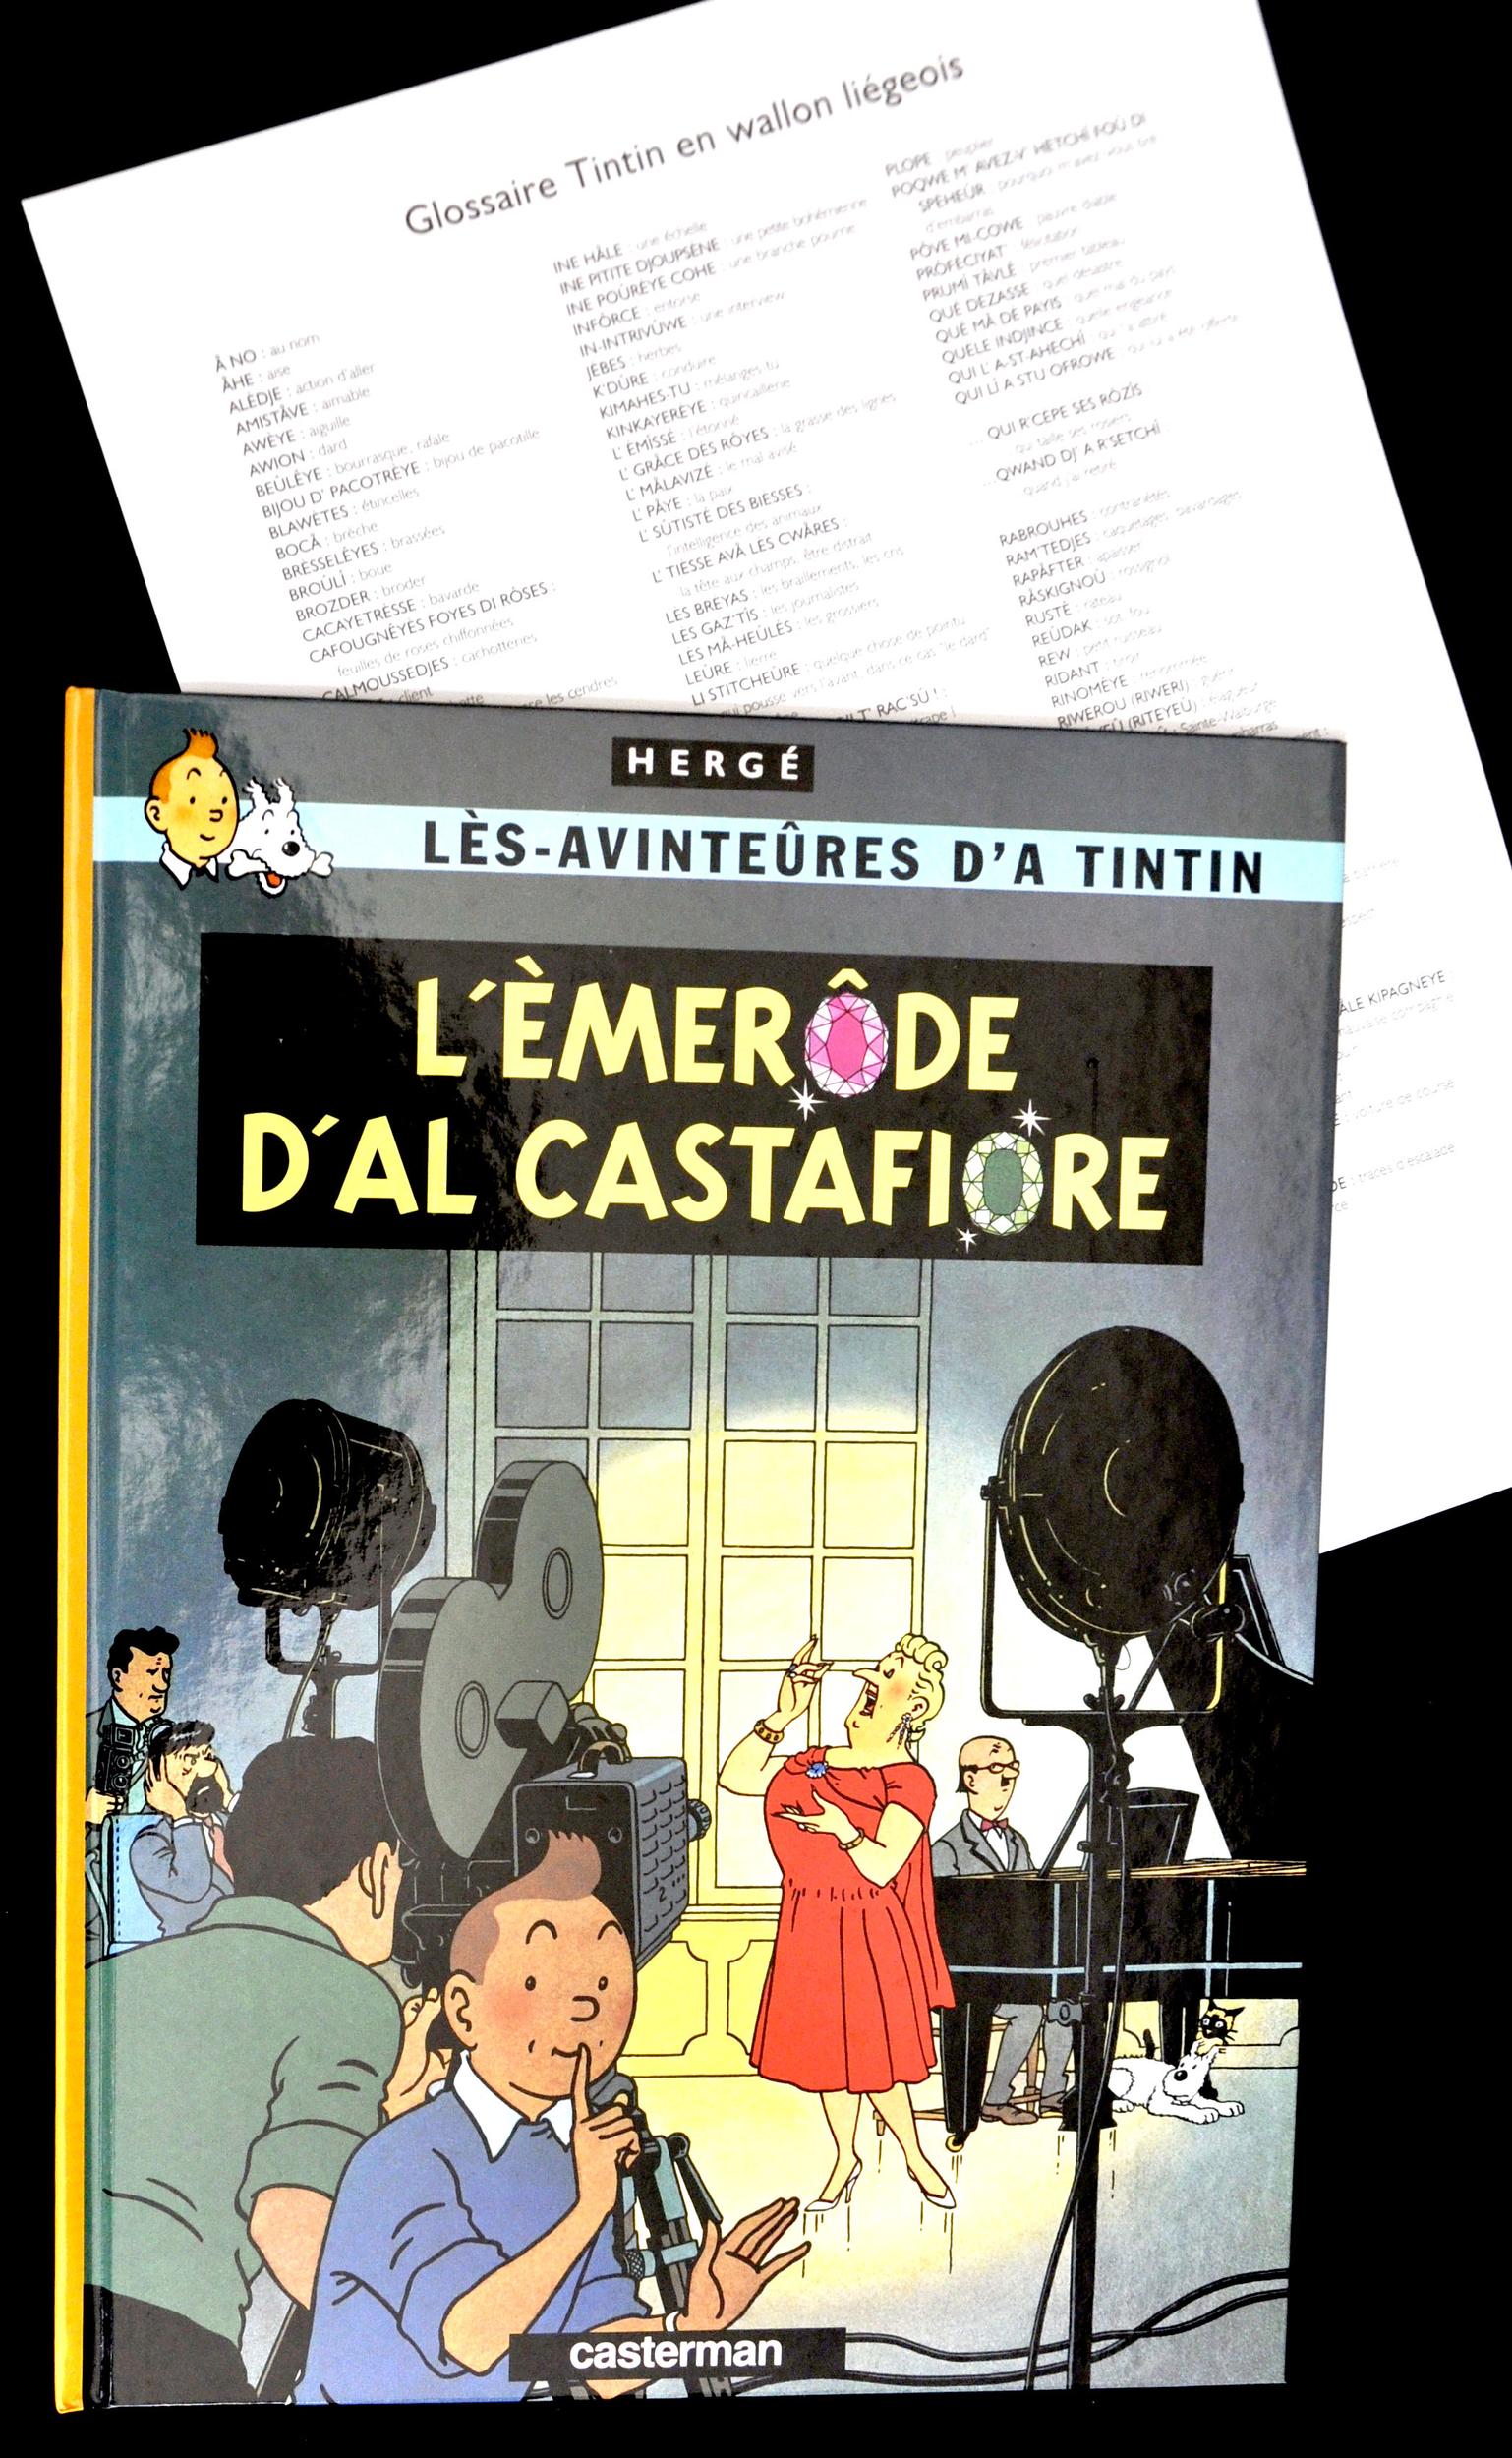 wallon liégeois-Tintin+cachet n°-30€-épuisé